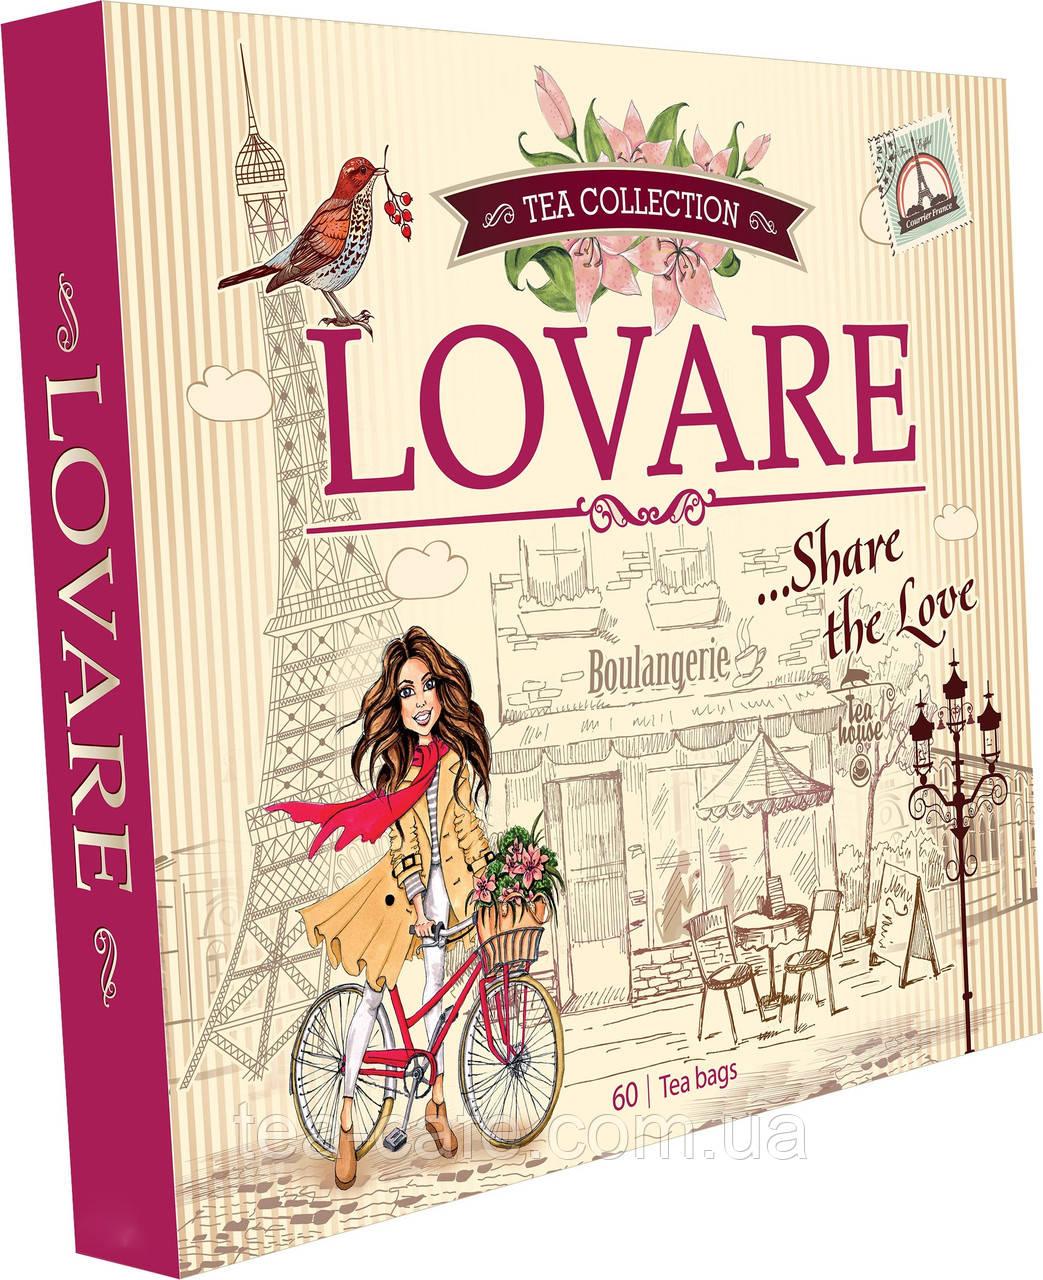 Колекція чаю Lovare 12 видів по 5 шт 110 гр.